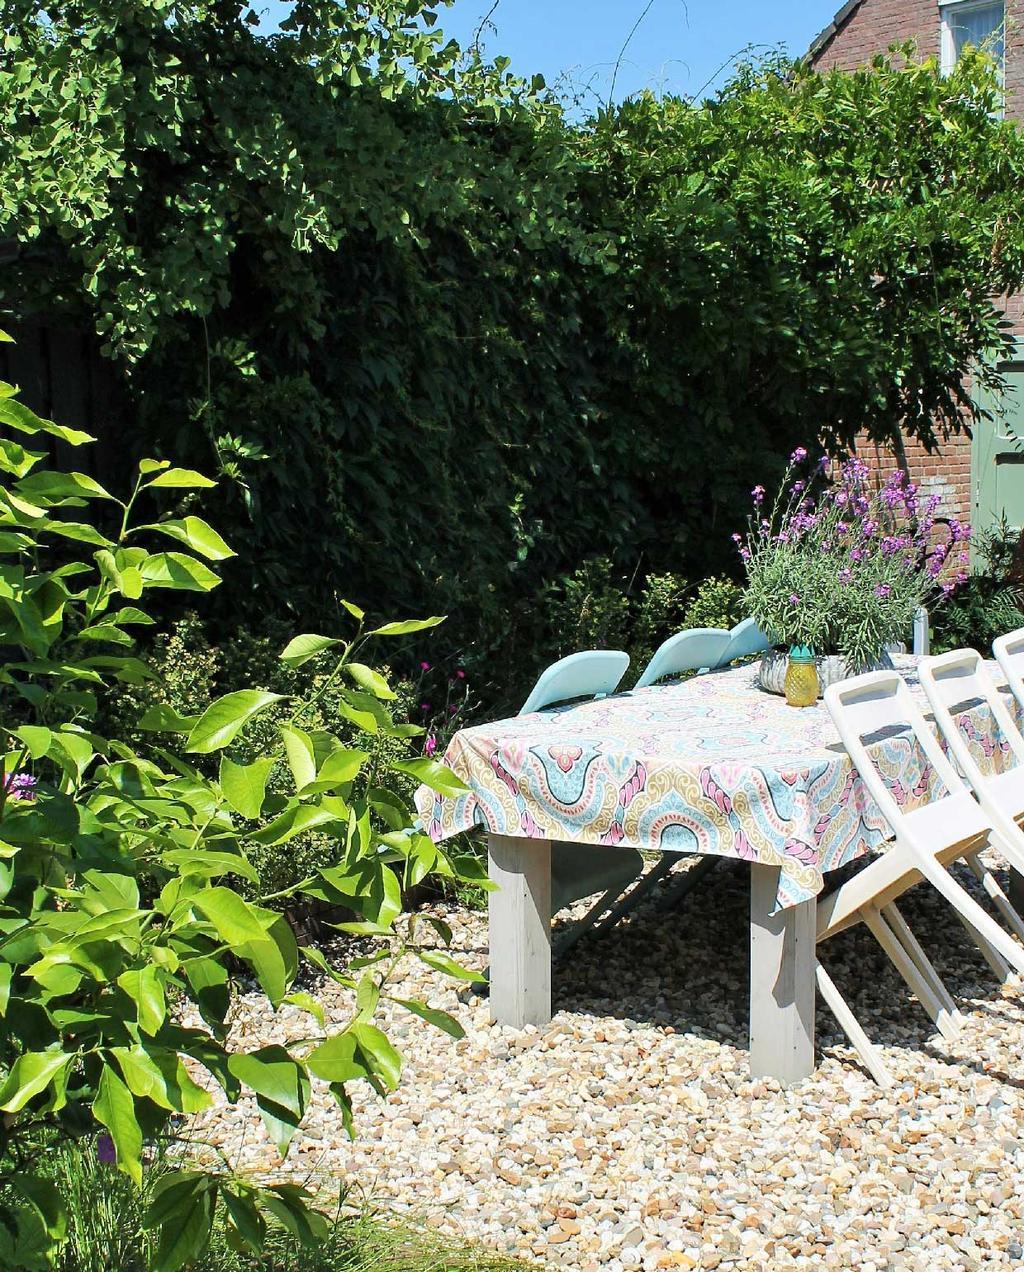 vtwonen blog kristel | minder tegels meer tuin grind onder tuintafel kristels tuin